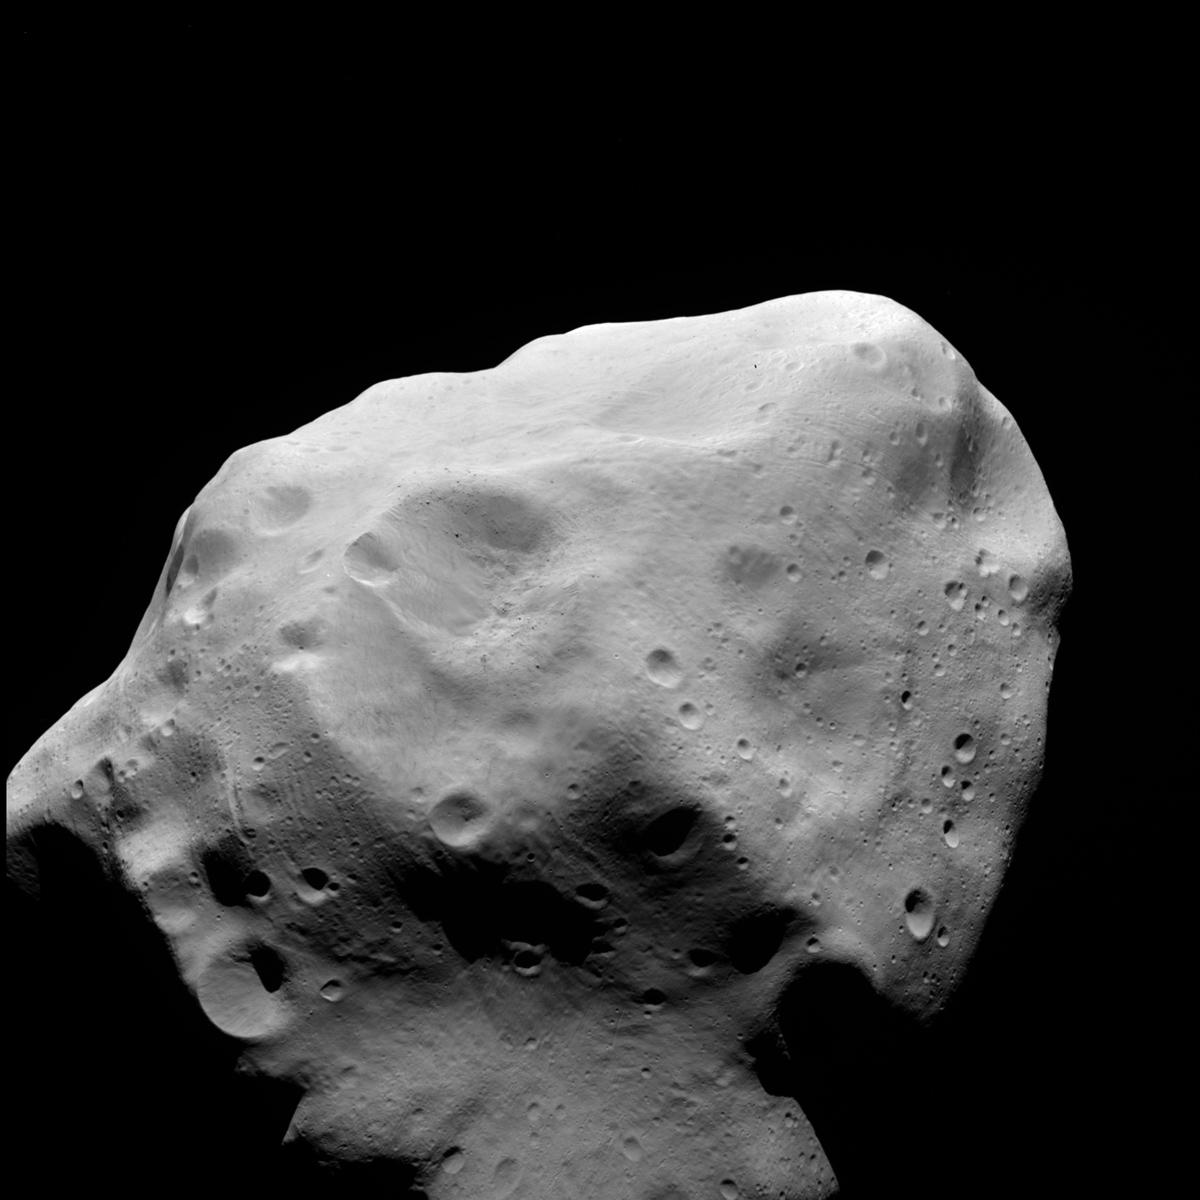 Bức ảnh chụp với bộ lọc OSIRIS trong quá trình bay ngang qua của tàu vũ trụ Rosetta tại tiểu hành tinh Lutetia ngày 10/7/2010.  Credit: © ESA 2010 MPS/OSIRIS Team  MPS/UPD/LAM/IAA/RSSD/INTA/UPM/DASP/IDA